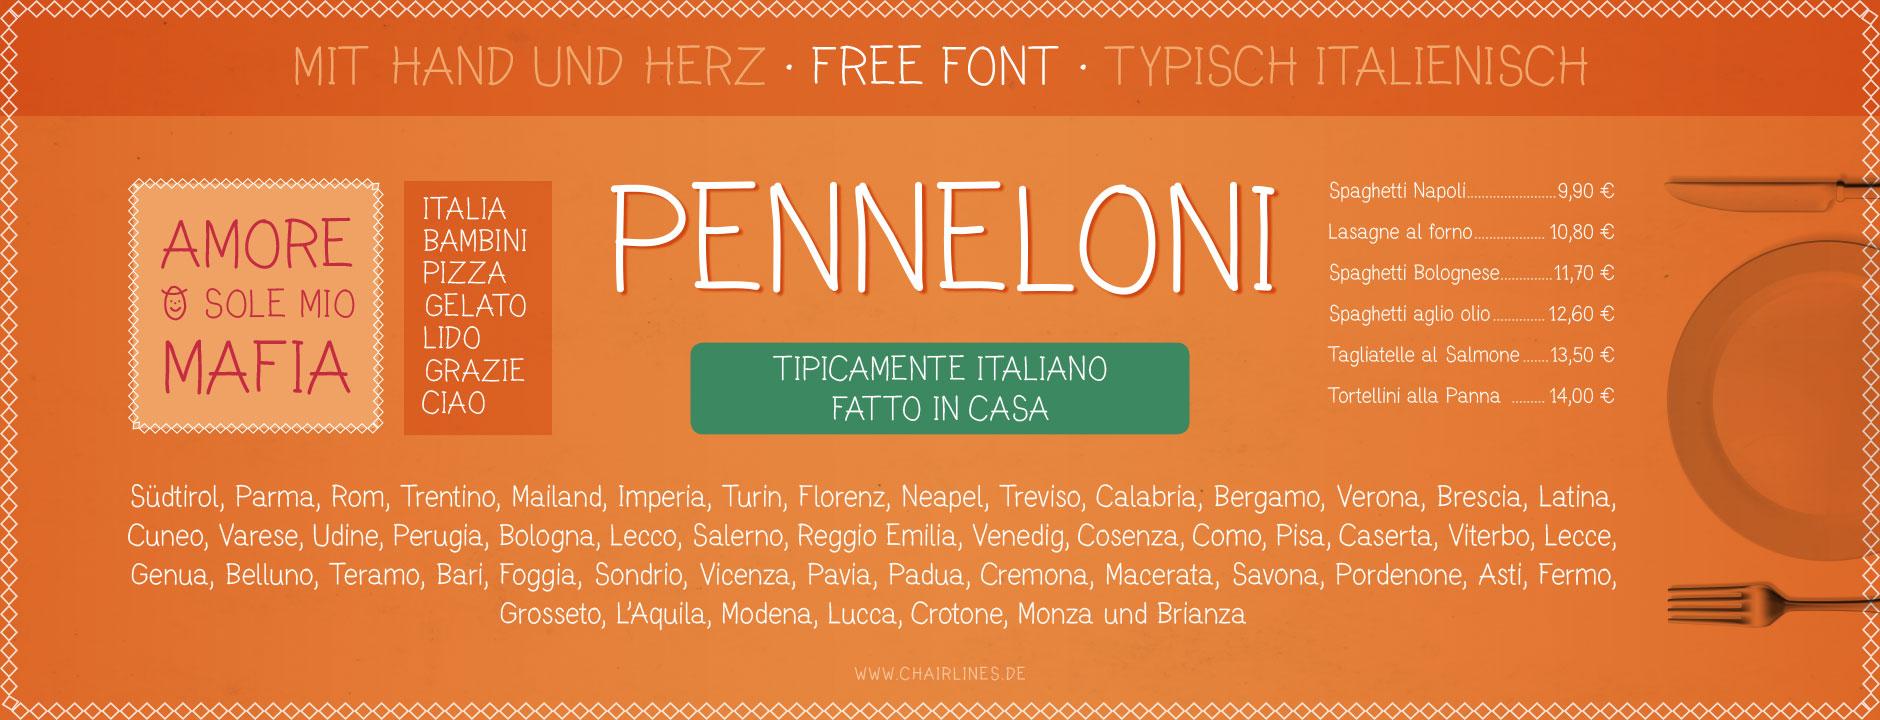 Schriftdesign – Penneloni – Free Font